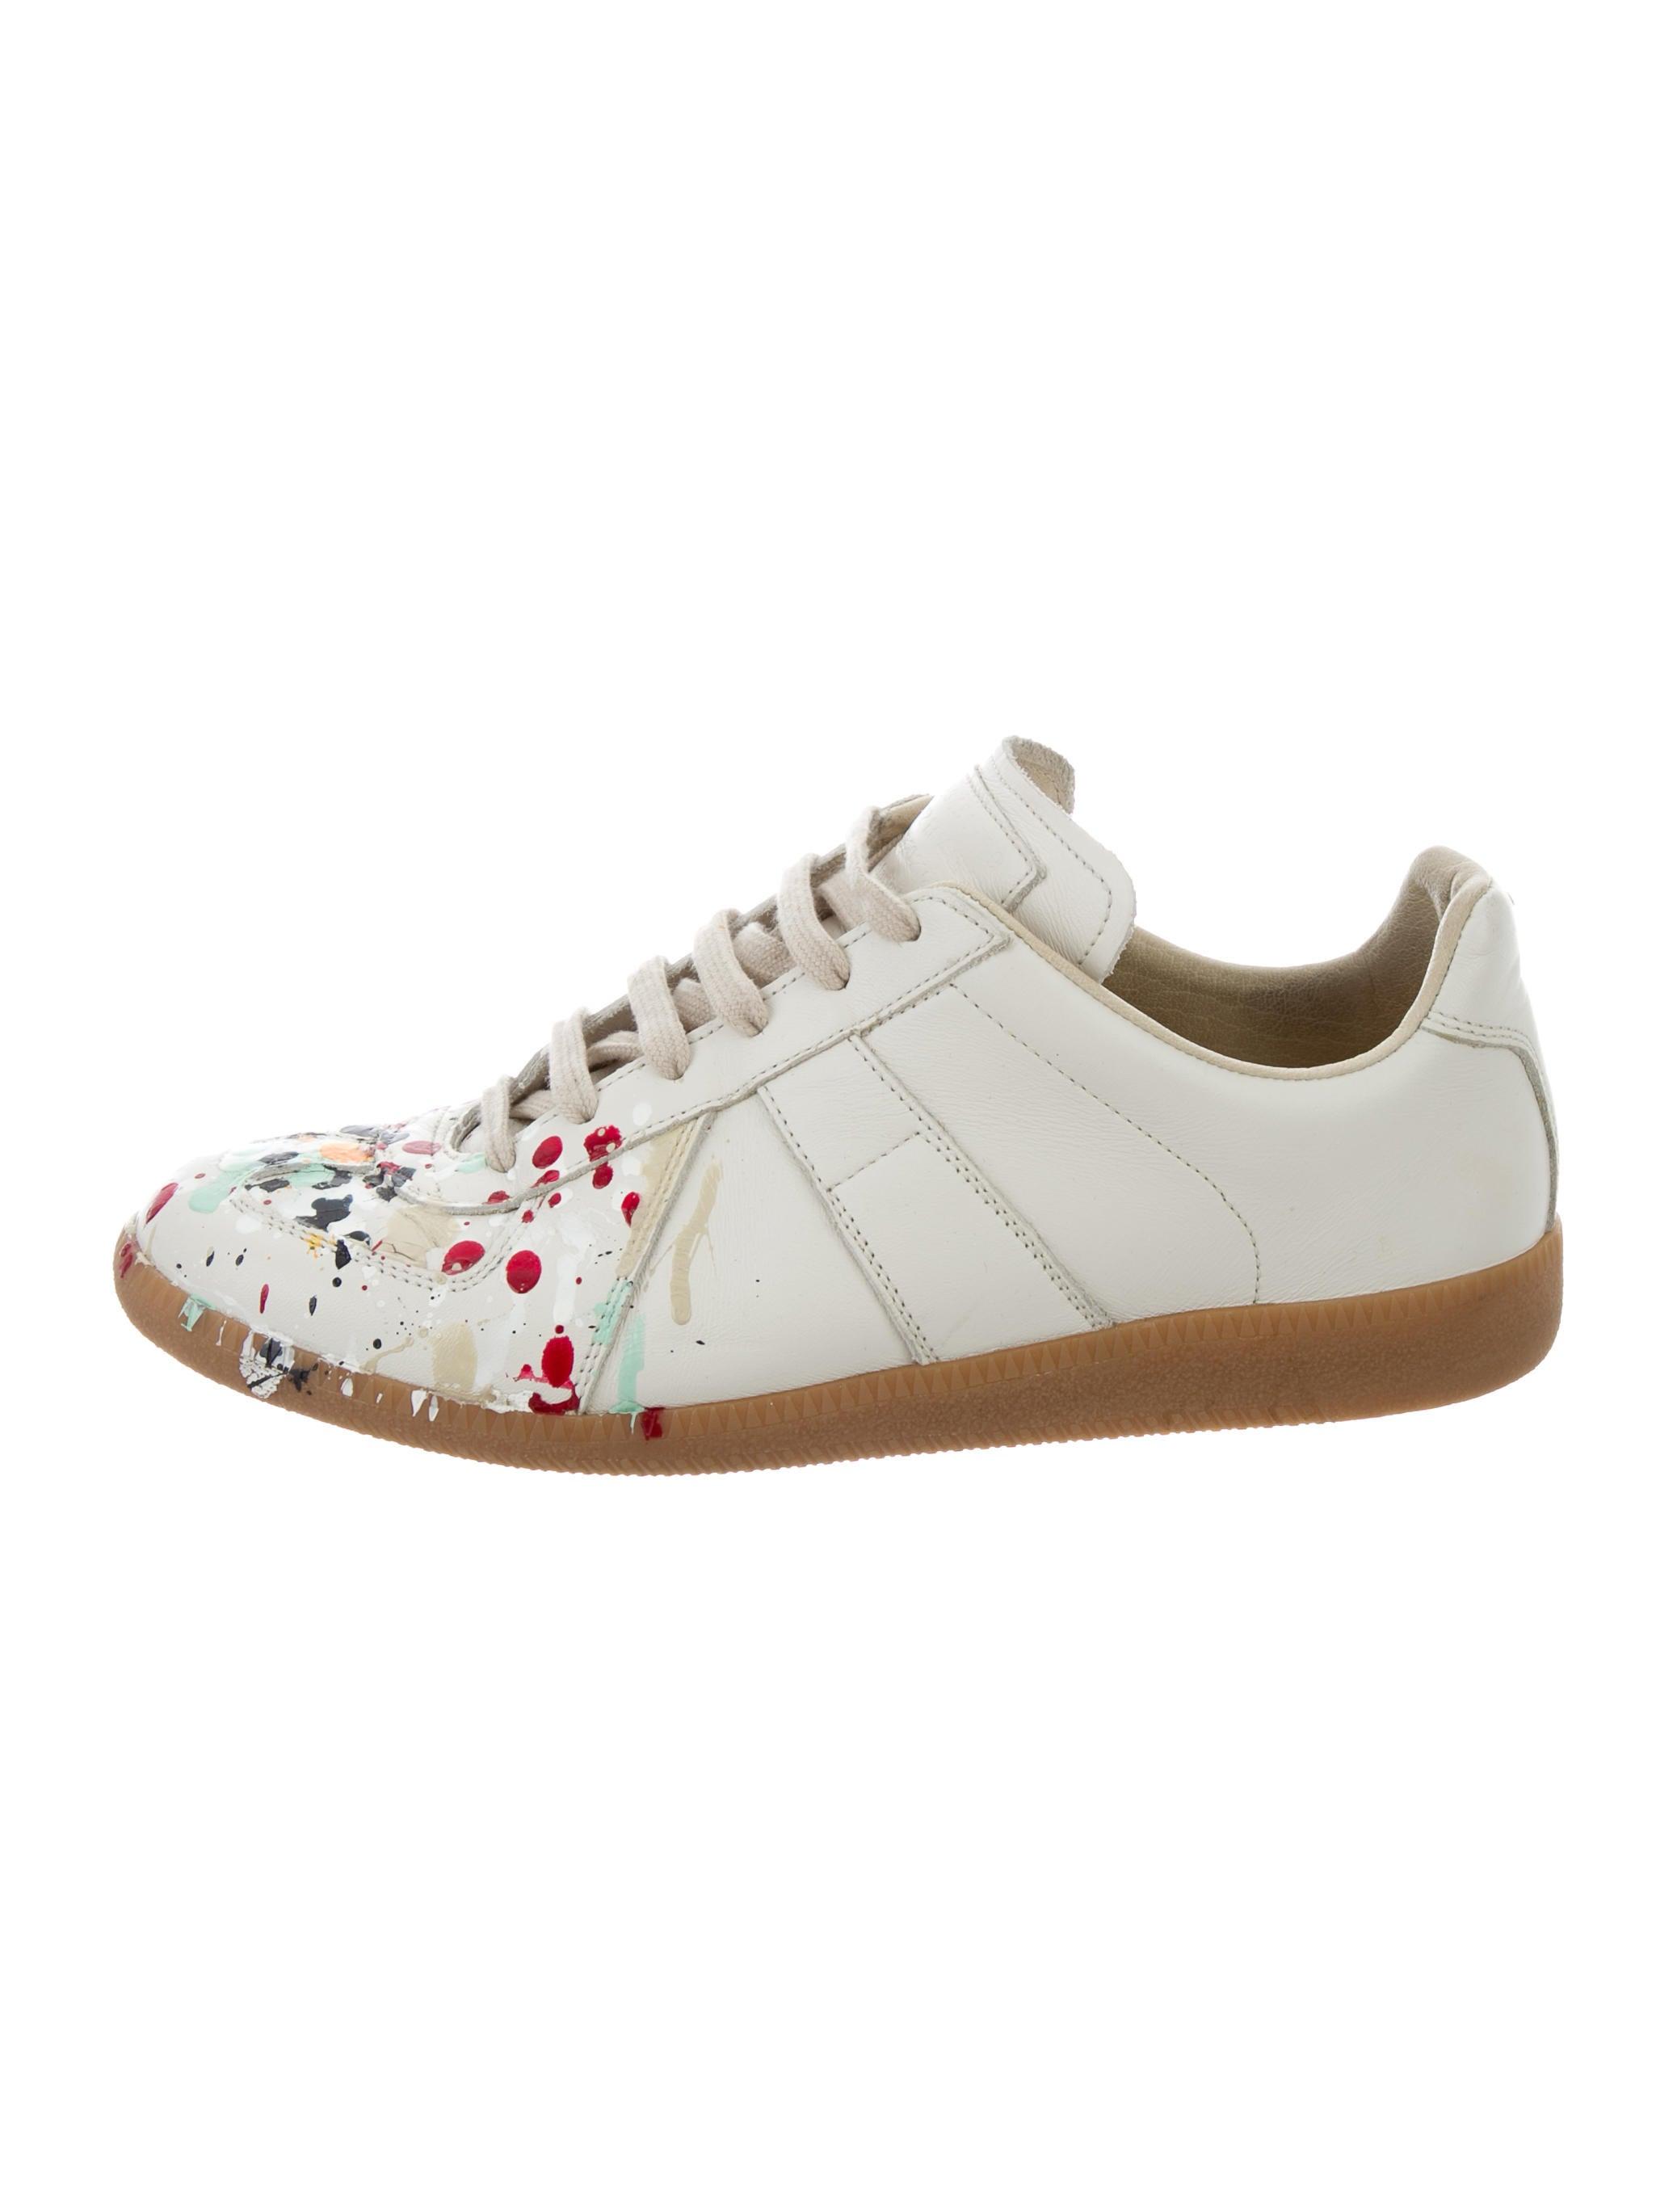 Paint Splatter Shoes Men